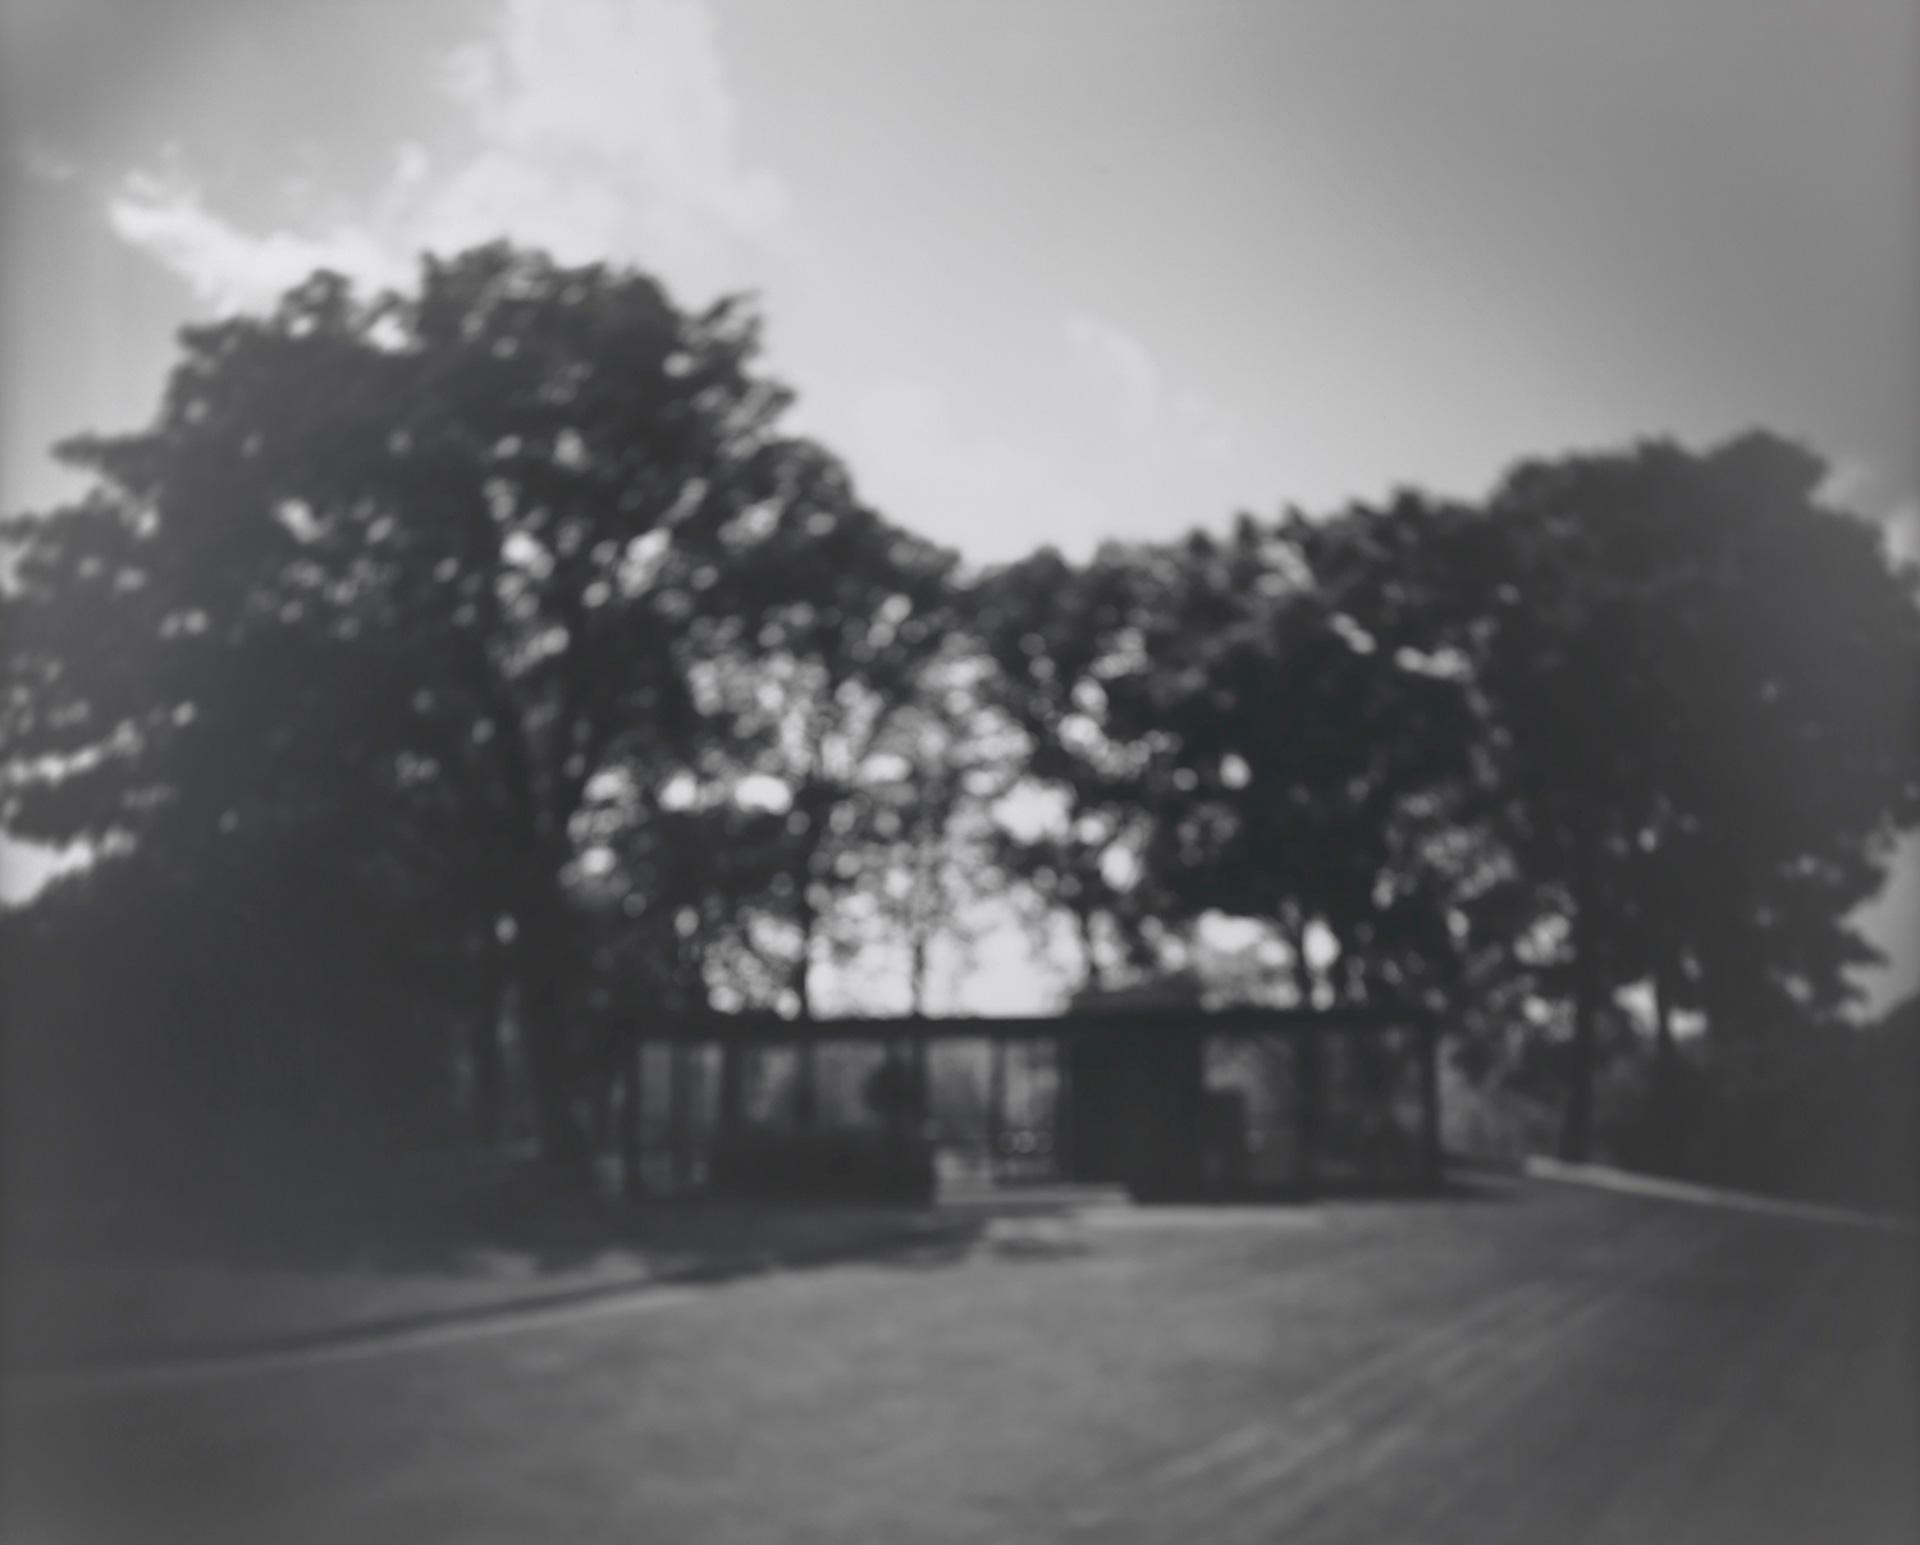 дом Филипа Джонсона фото